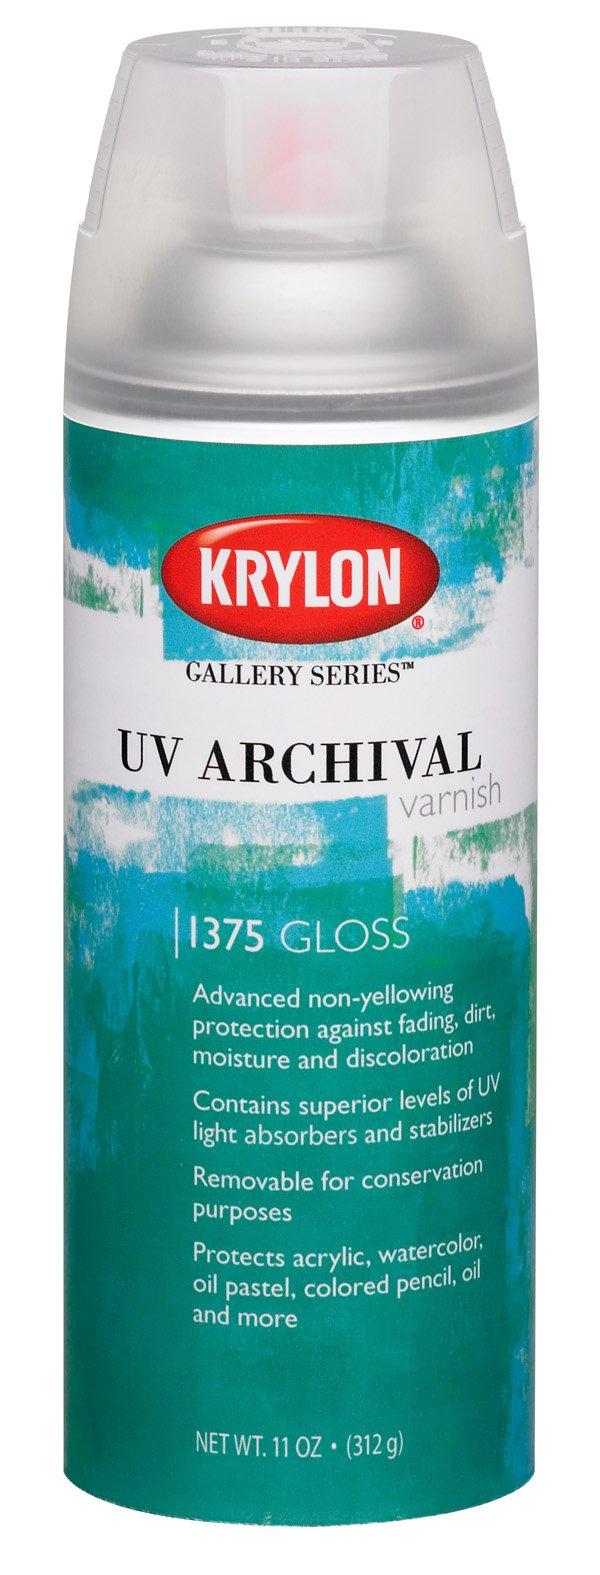 Krylon K01375000 Gallery Series UV Archival Varnish Aerosol Spray, Gloss, 11 Ounce